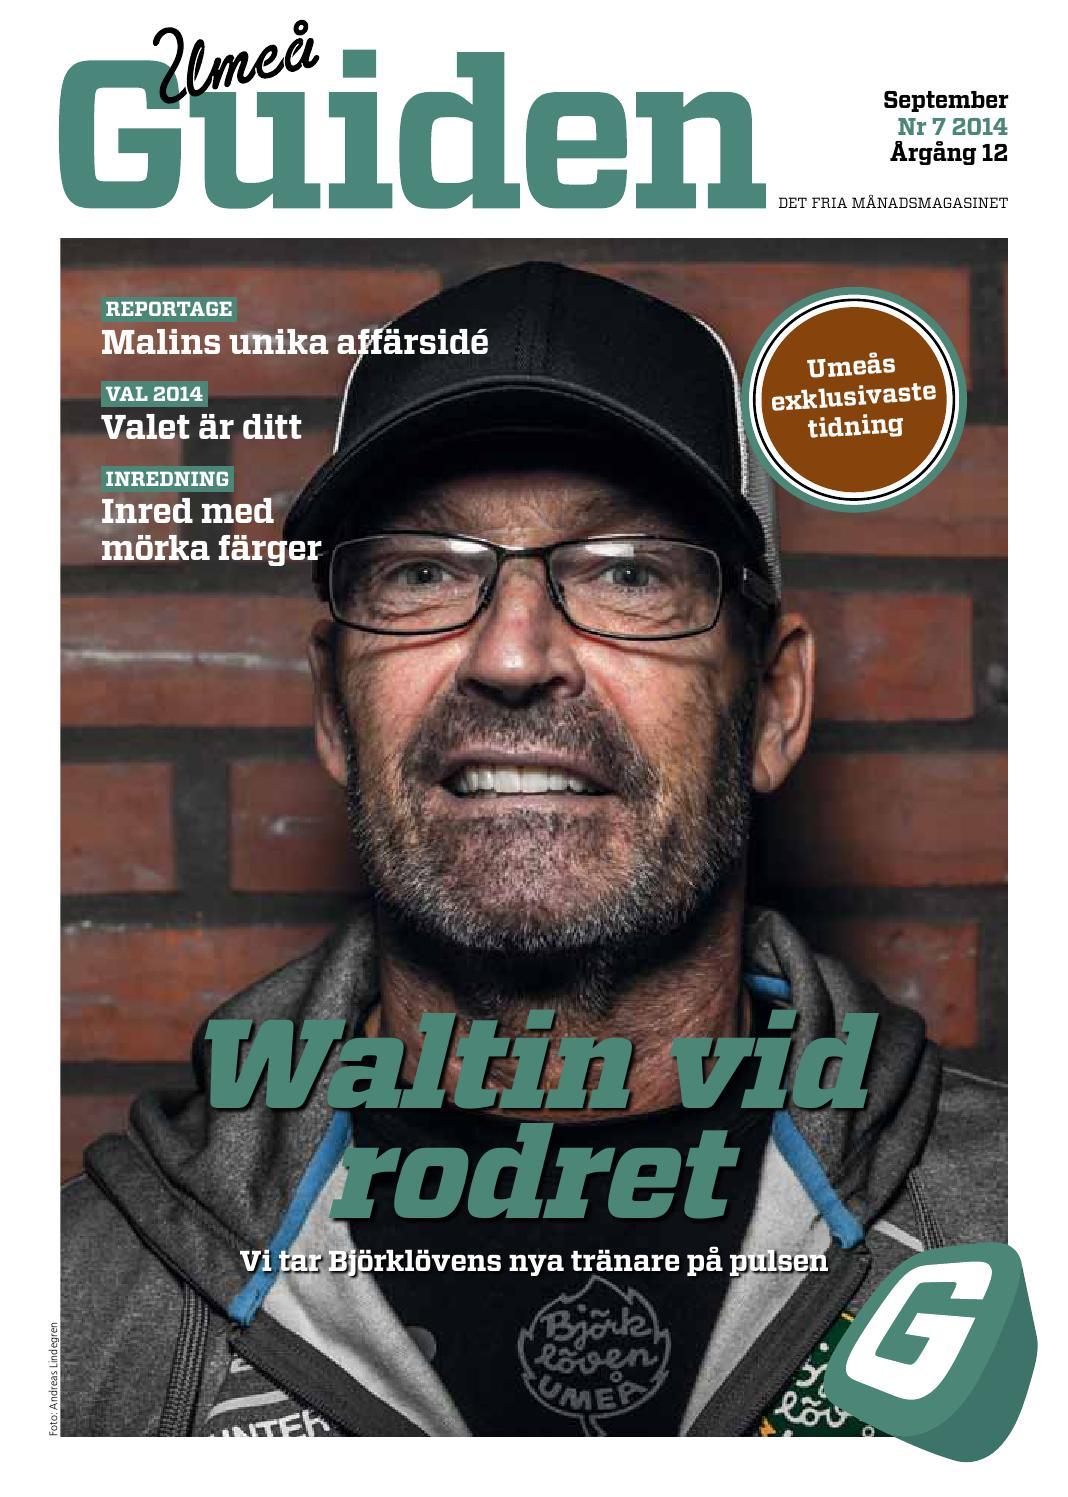 Westerberg belonar pappakampanj